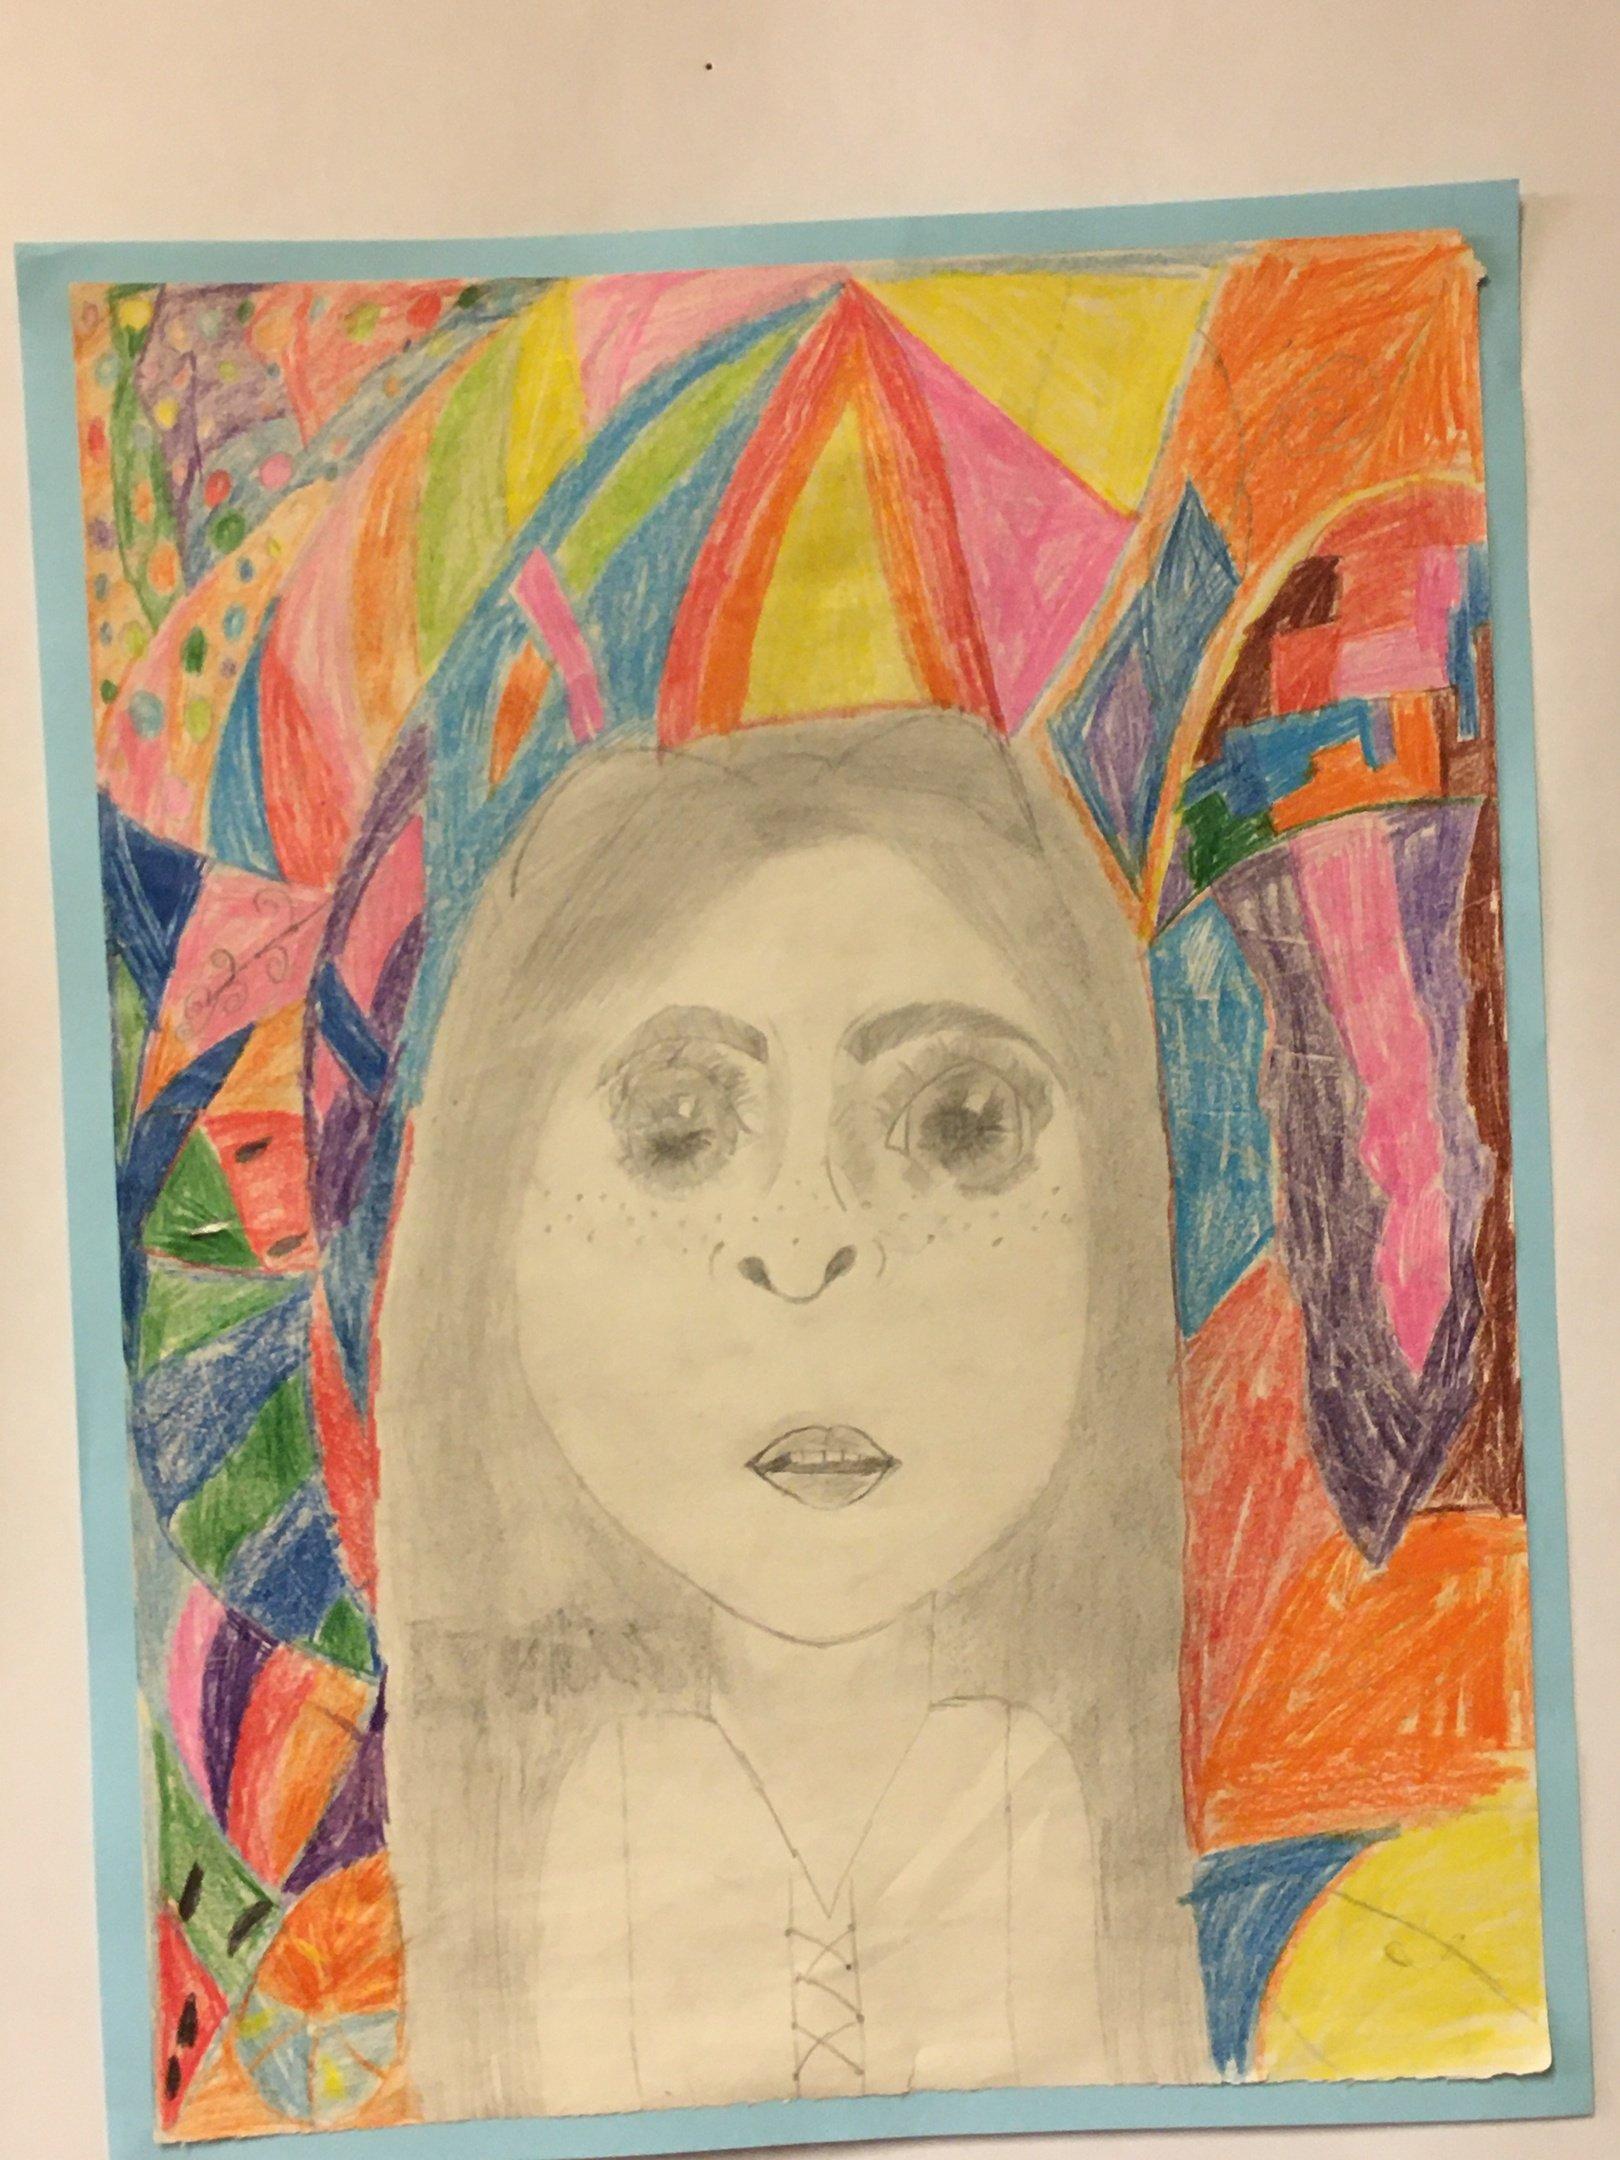 Artwork - Klimt inspiration